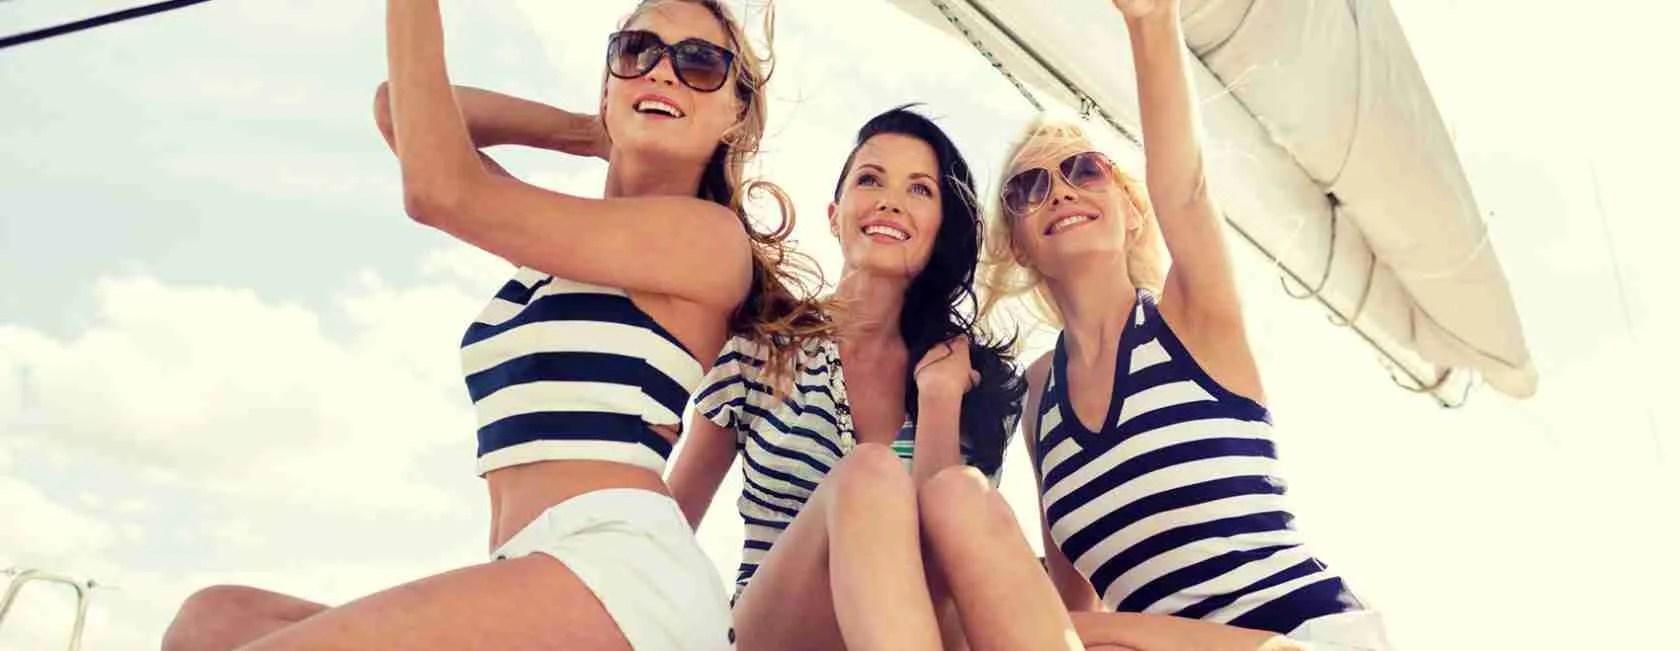 Vacanze in barca alle Isole Pontine in compagnia delle escort Latina. Magica Escort